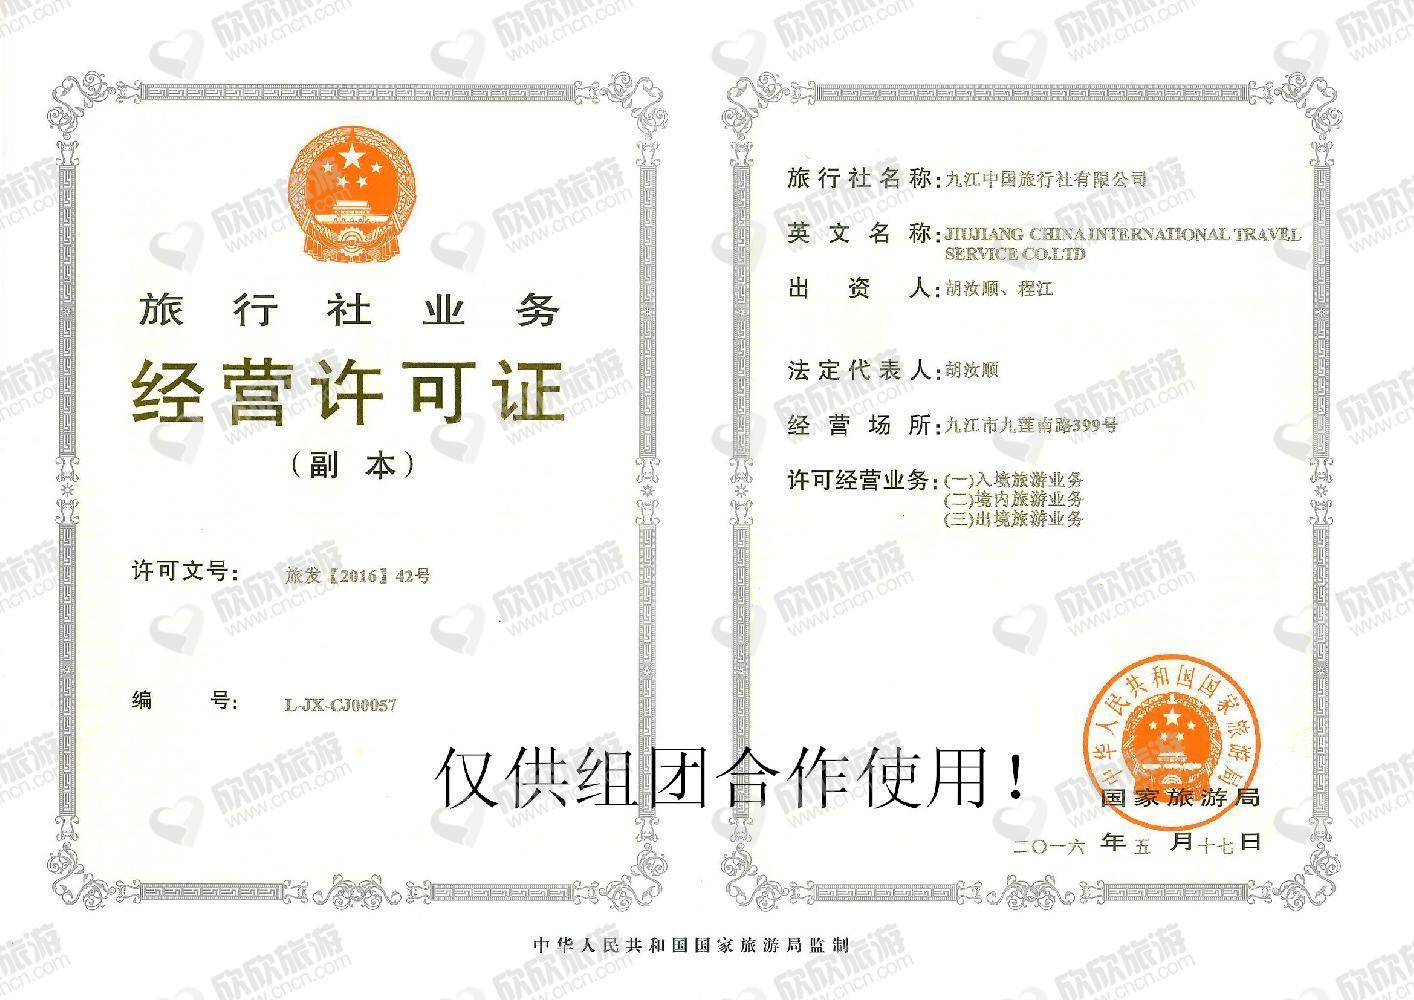 九江中国旅行社有限公司【国内旅游部】经营许可证